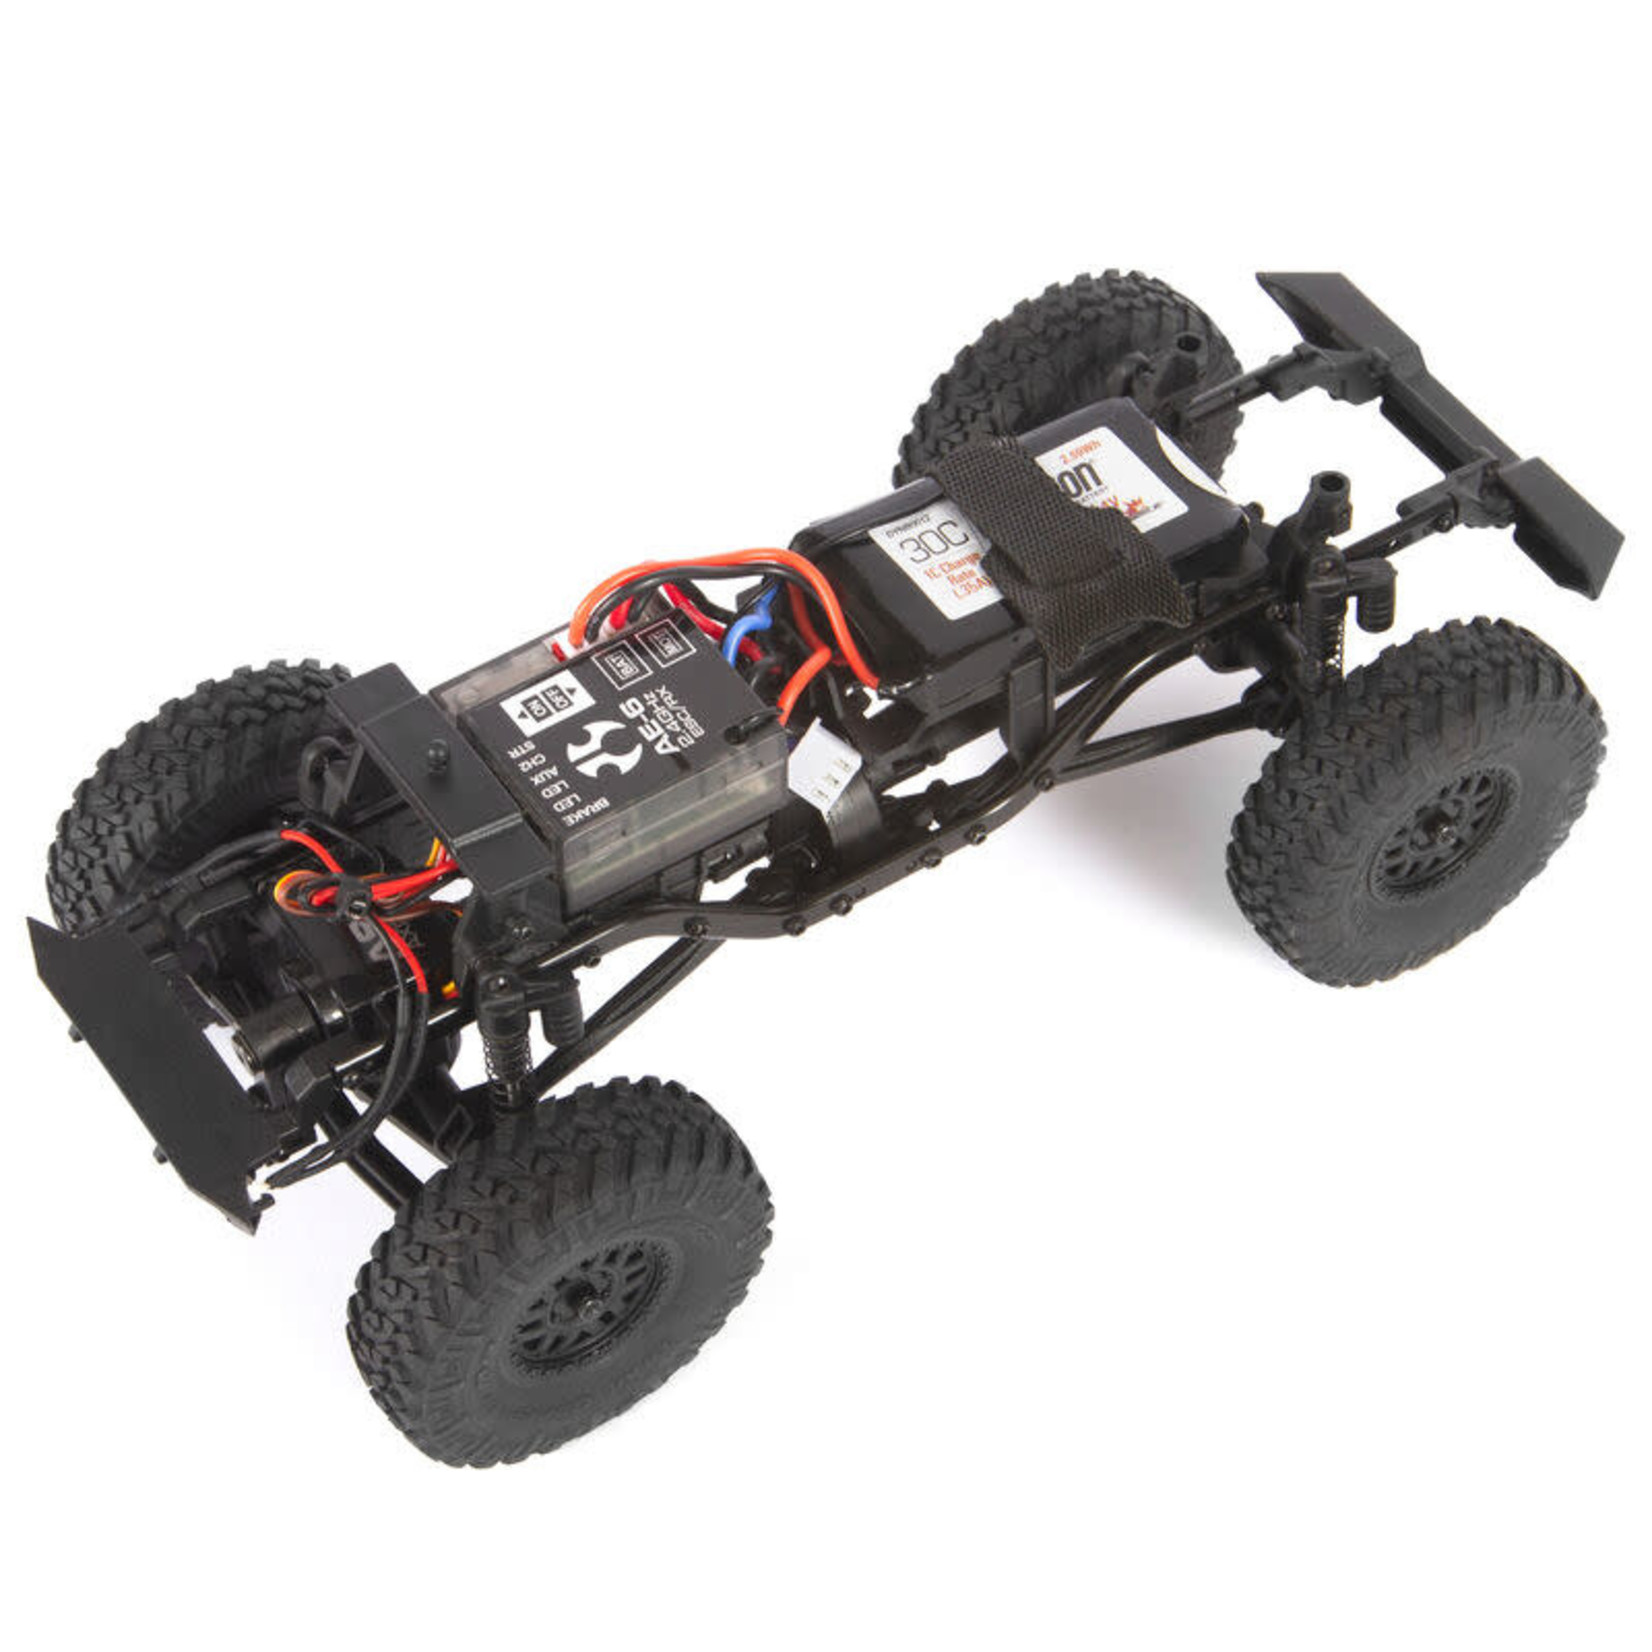 Axial AXI90081 Axial SCX24 Deadbolt 1/24th Scale Elec 4WD - RTR